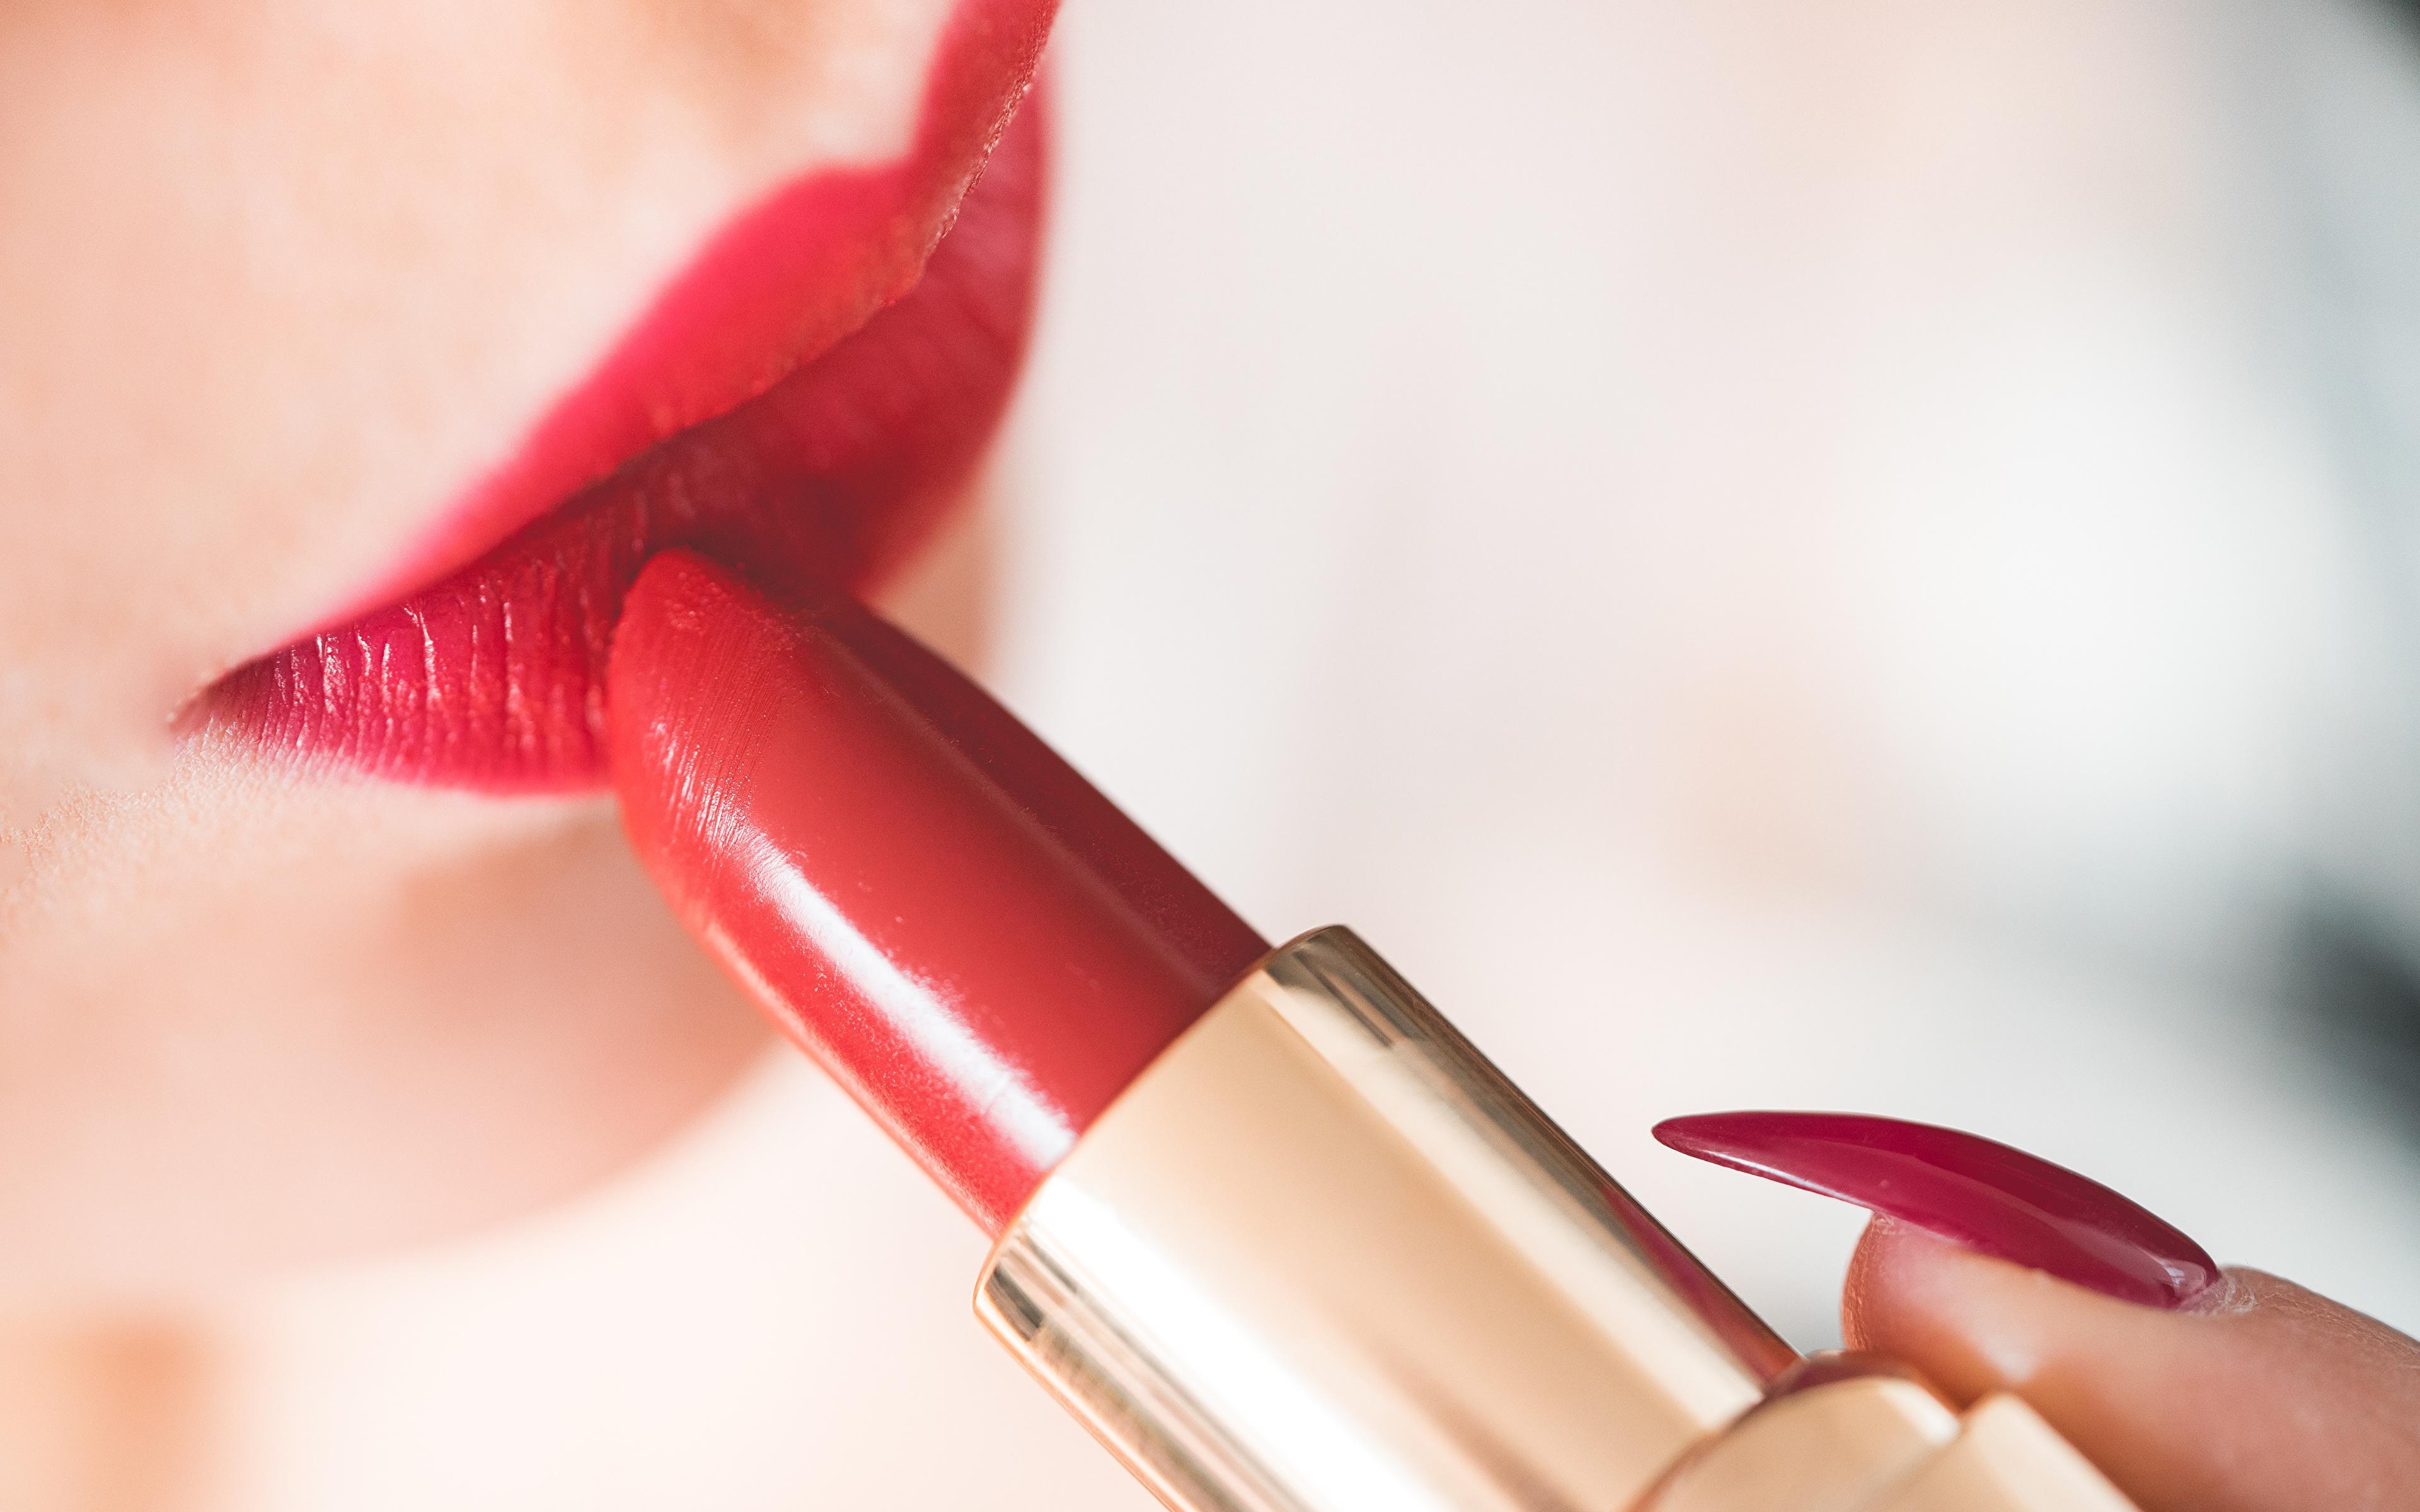 壁紙 3840x2400 口紅 クローズアップ 赤い唇 マニキュア 少女 ダウンロード 写真